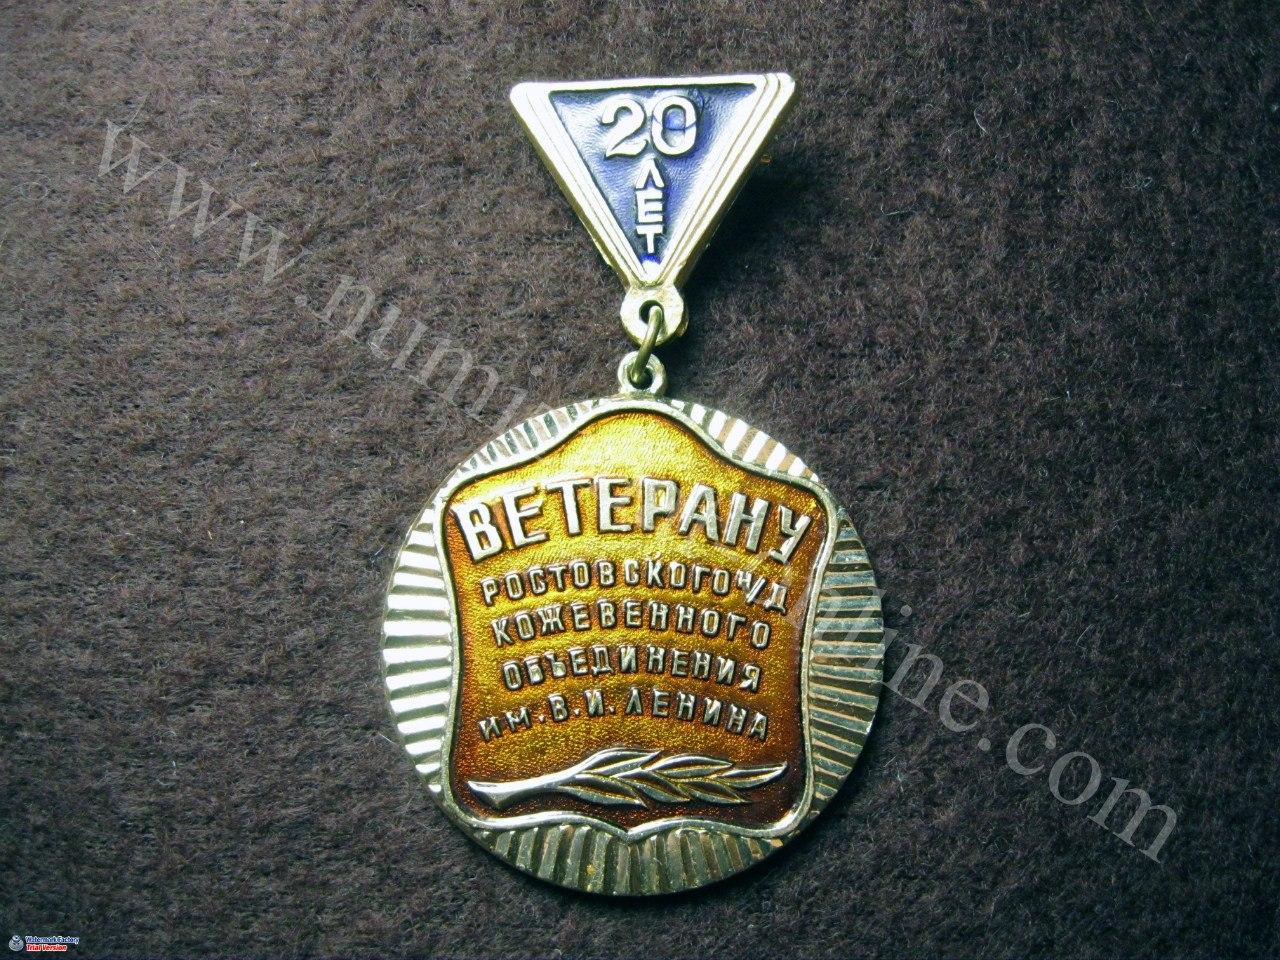 20 лет. Ветерану Ростовского Кожобъединения